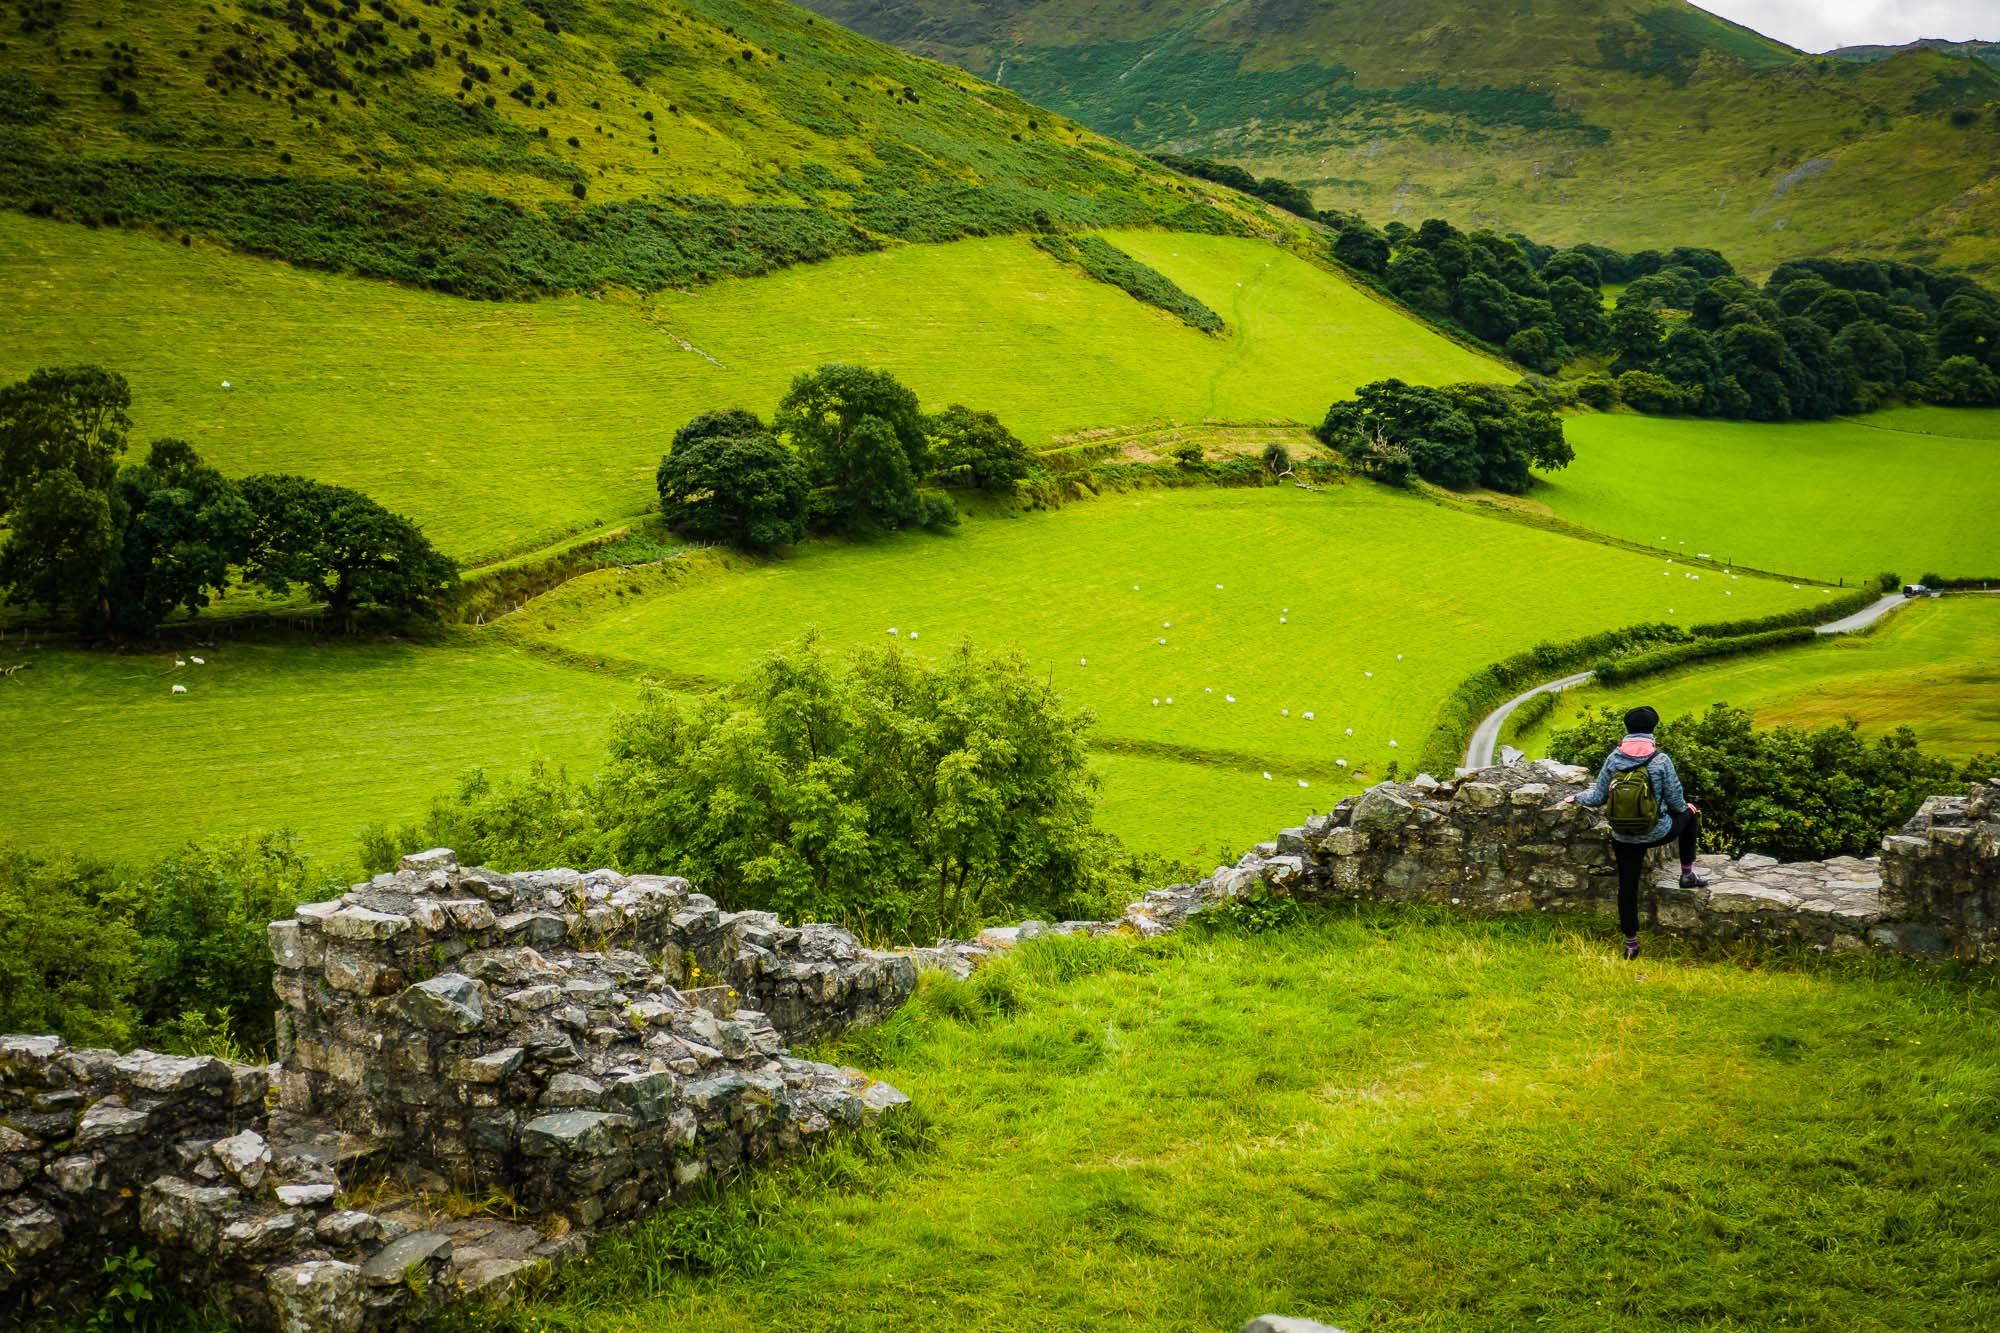 Castle-y-bere Wales